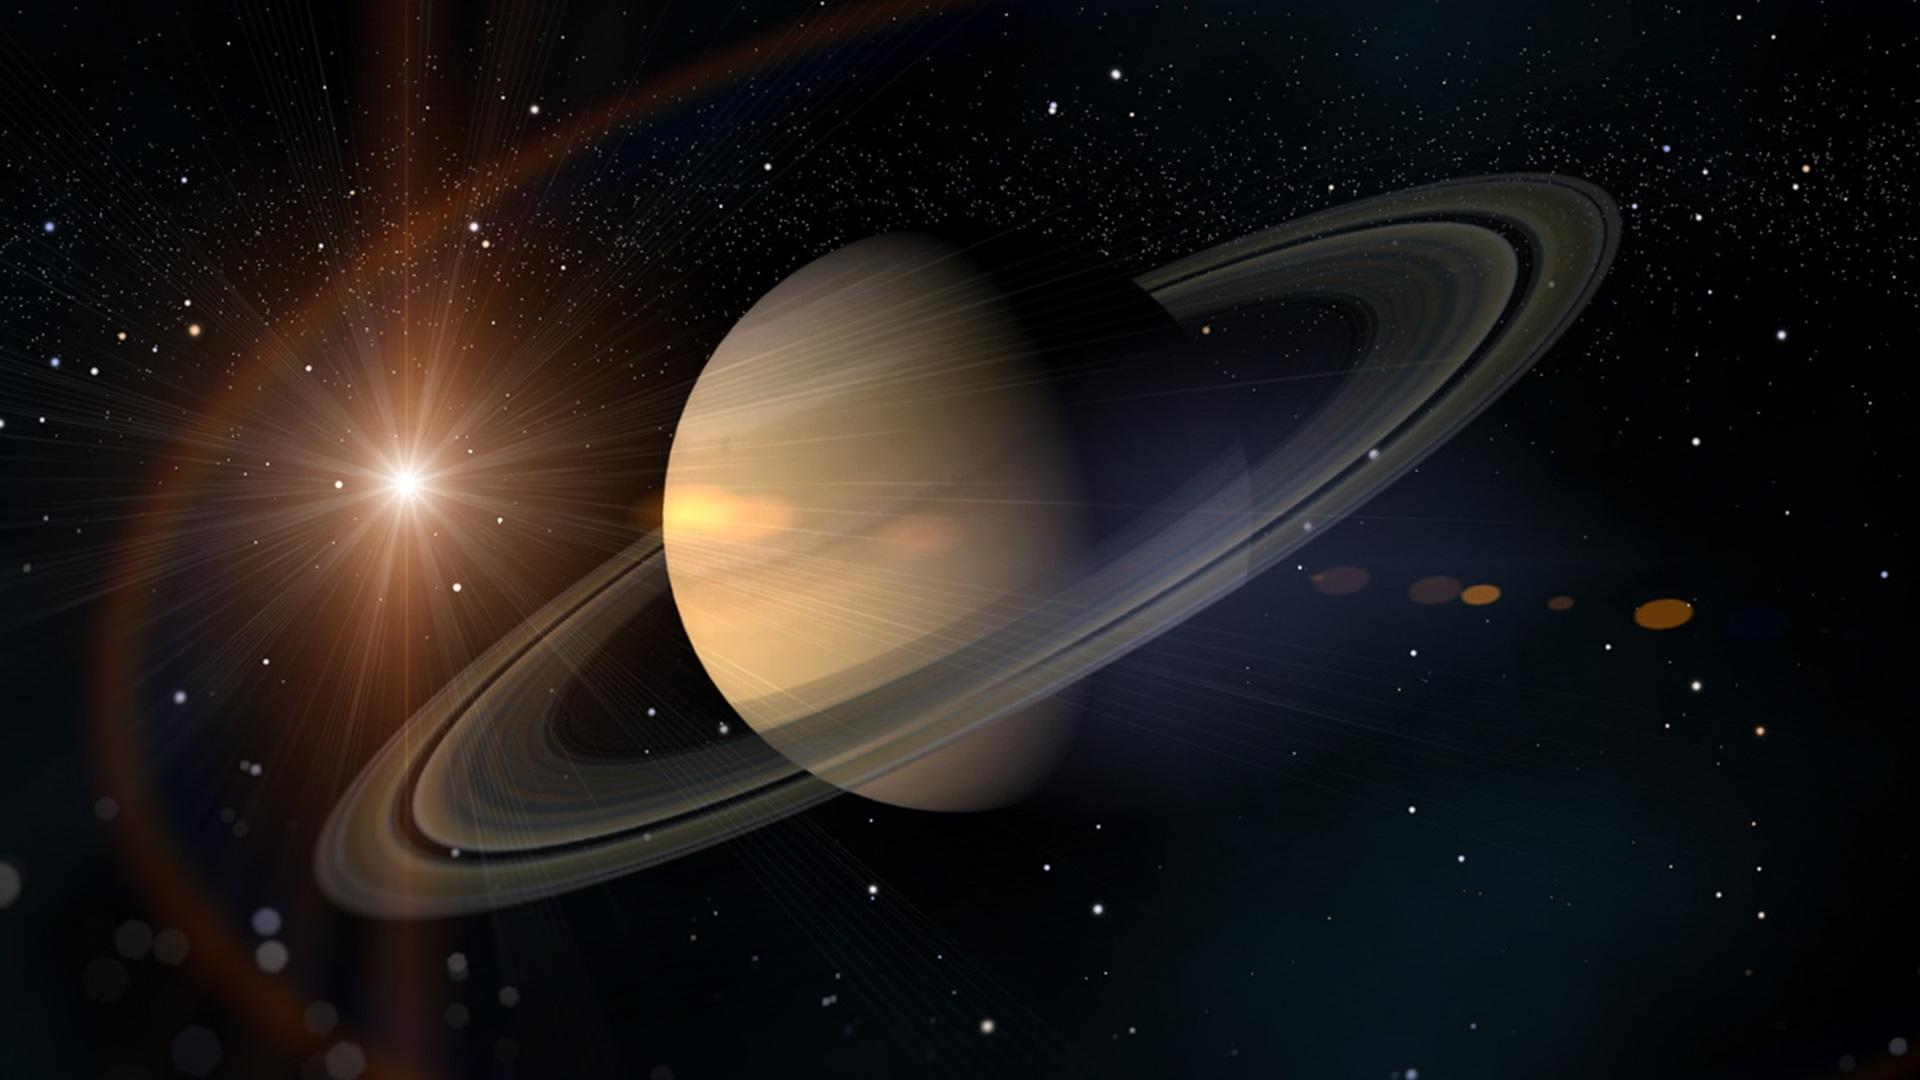 Spazio: gigantesco pianeta con anelli scoperto nella Costellazione di Orione